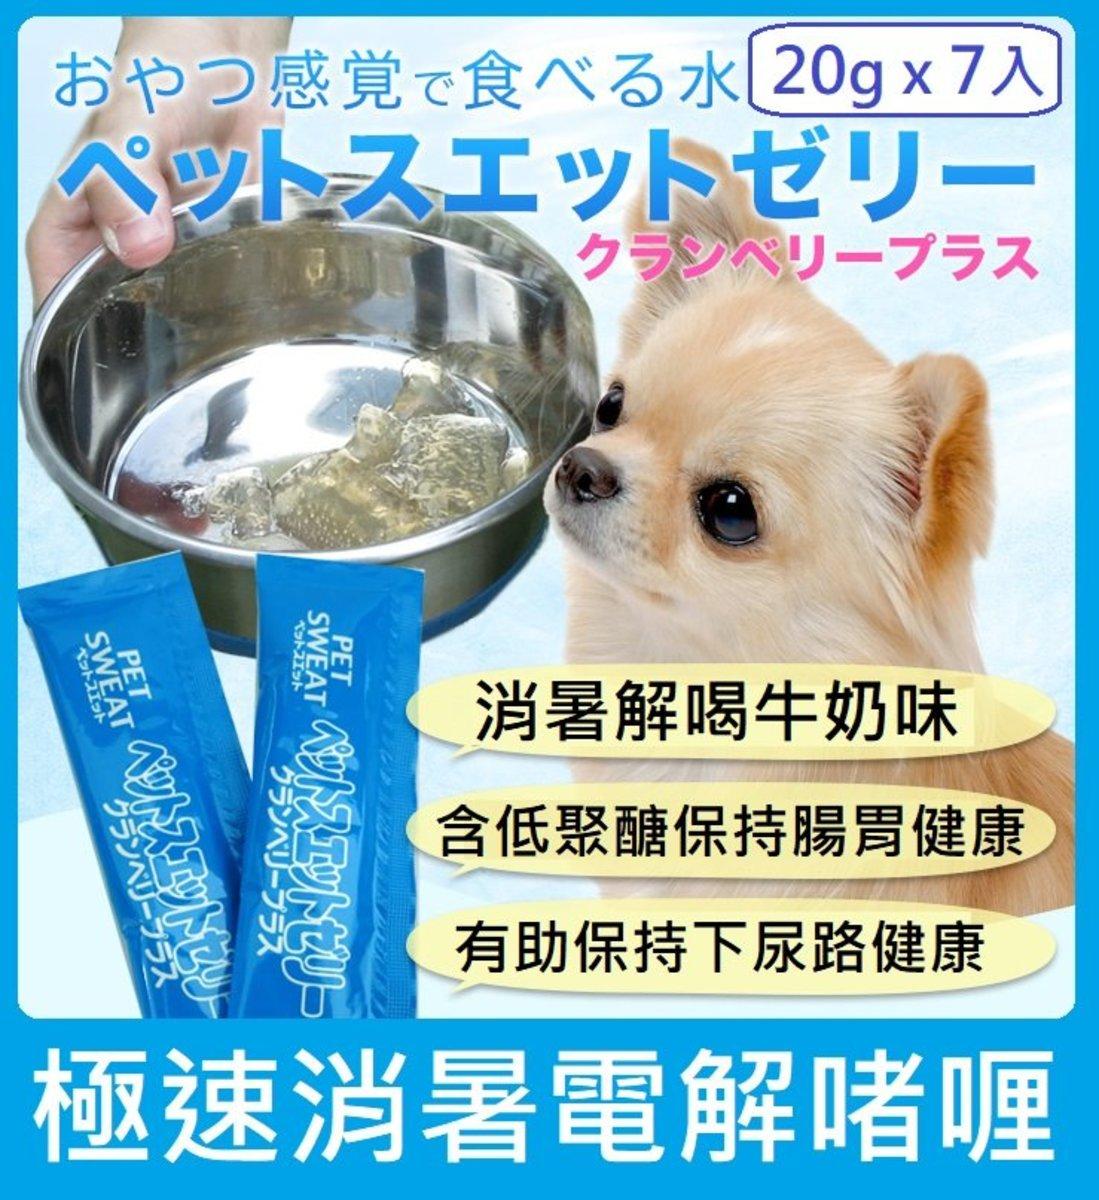 狗狗極速消暑電解啫喱 20g×7 牛奶味